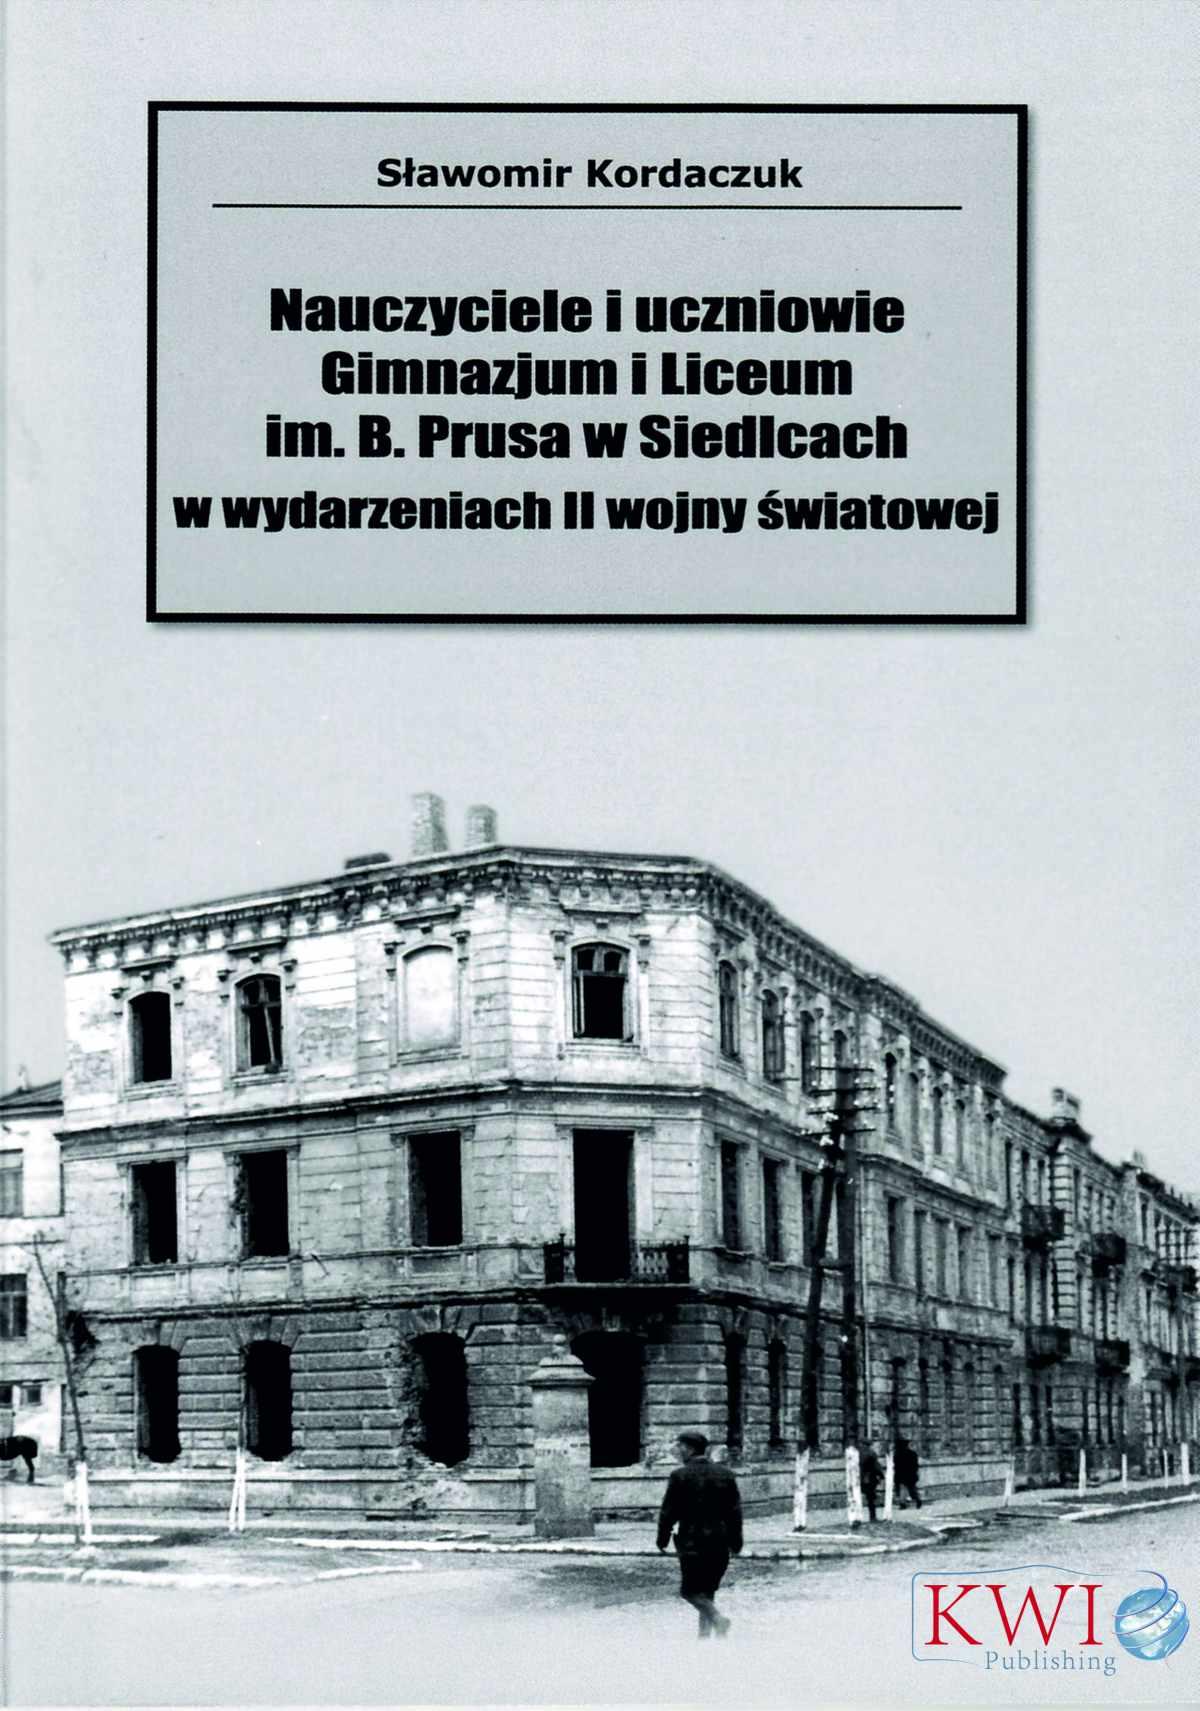 Nauczyciele i uczniowie Gminazjum i Liceum im. B. Prusa w Siedlcach - Ebook (Książka EPUB) do pobrania w formacie EPUB